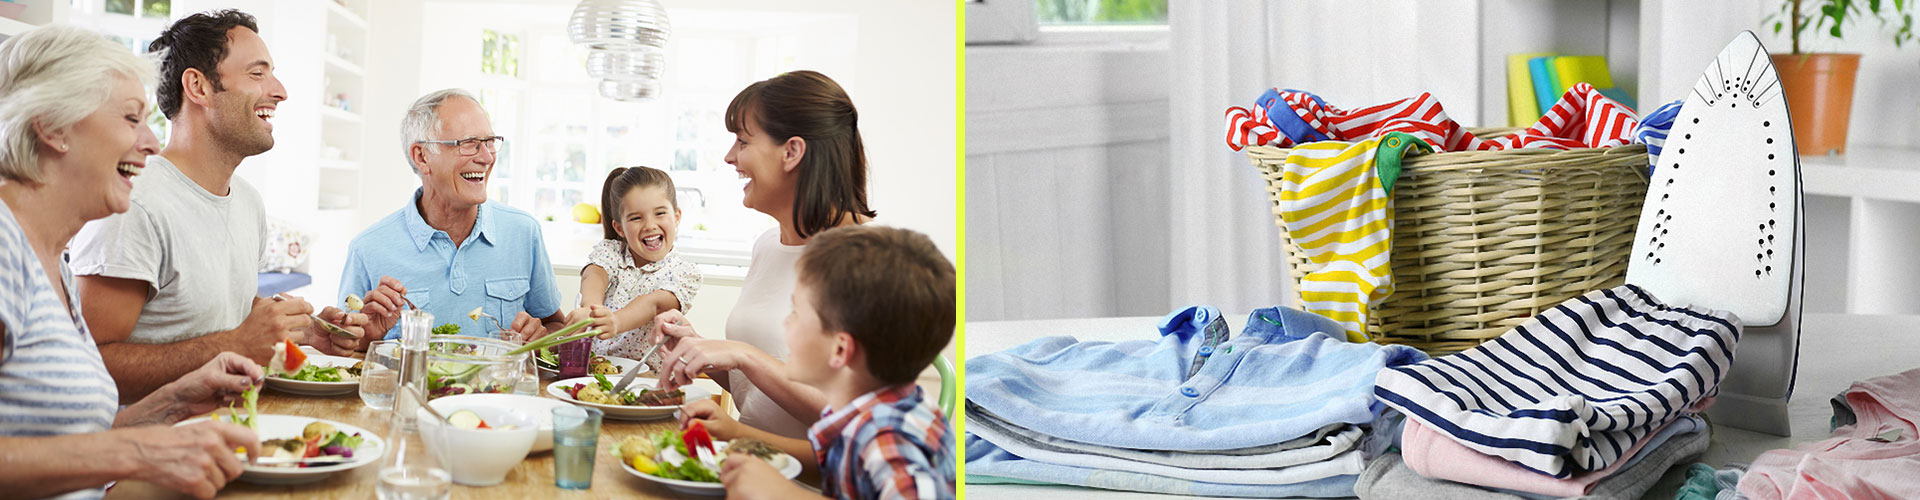 Soziale Dienste Versorgung der Familie